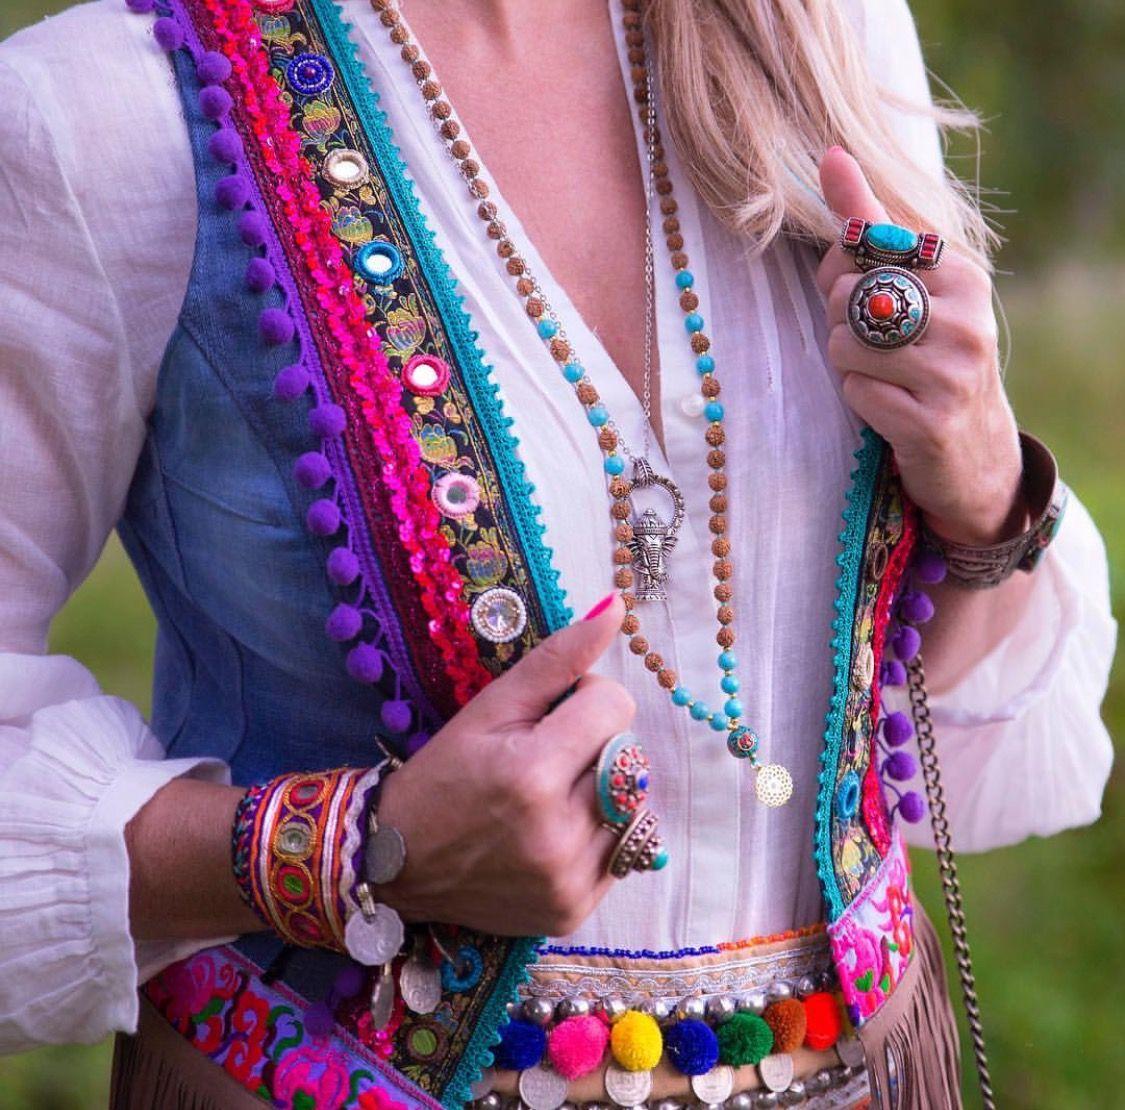 1255a7a4f50b4 Love Gilet the picture Bohem Çingene, Çingene Stili, Bohem, Bohem Modası,  Hippi